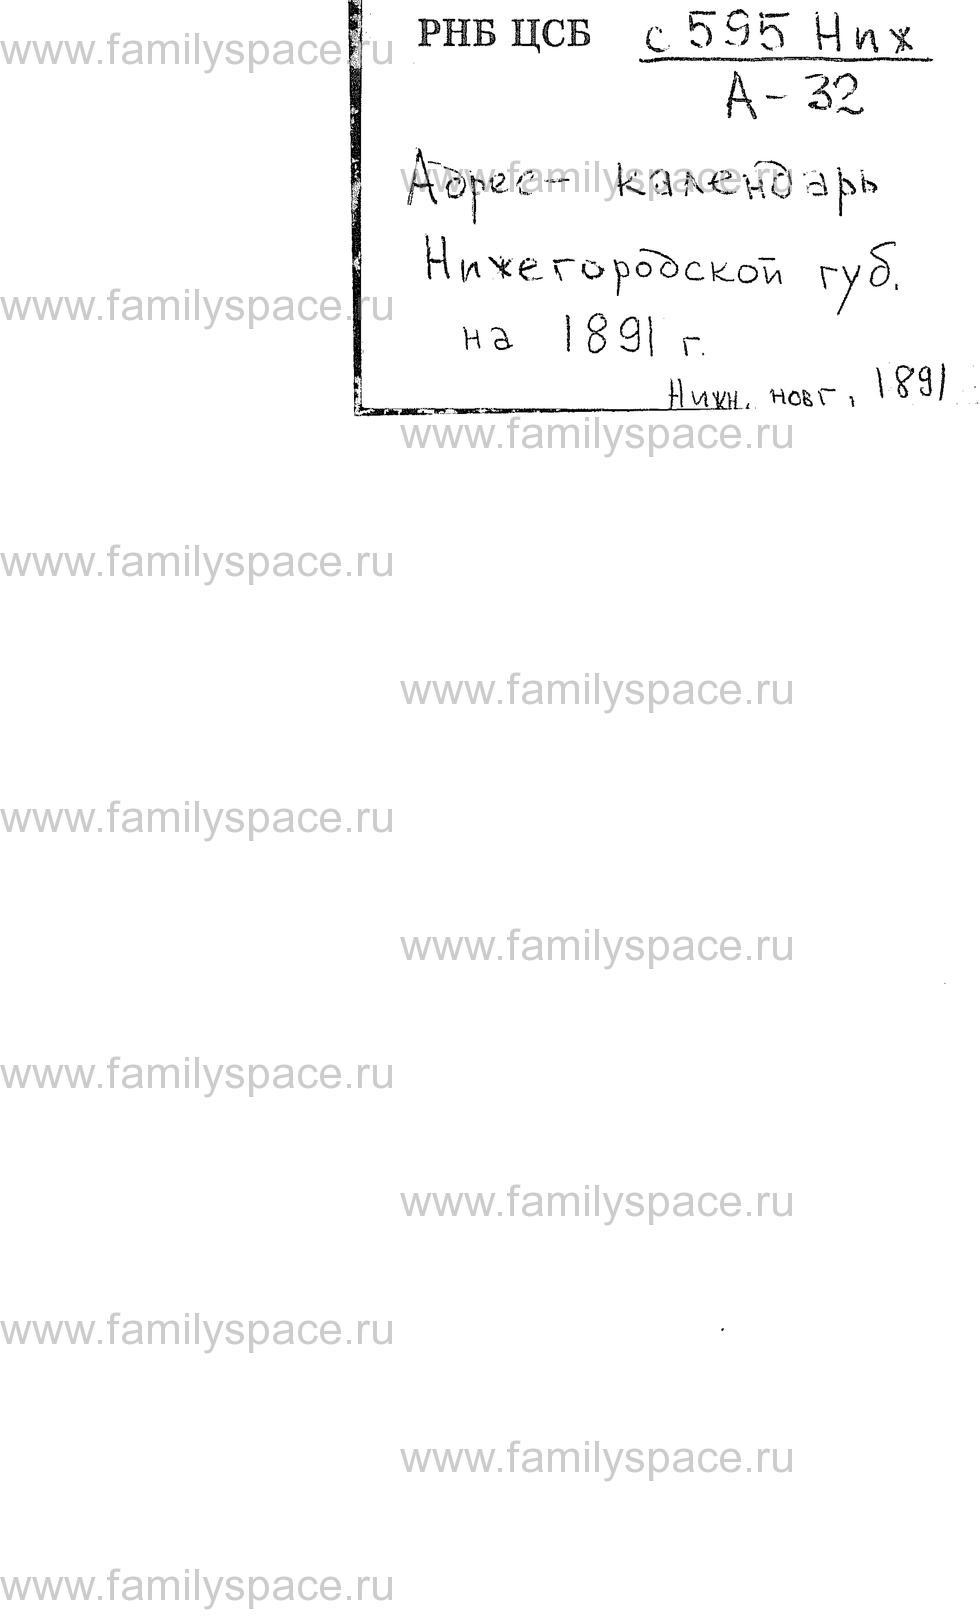 Поиск по фамилии - Адрес-календарь Нижегородской губернии на 1891 год, страница 184